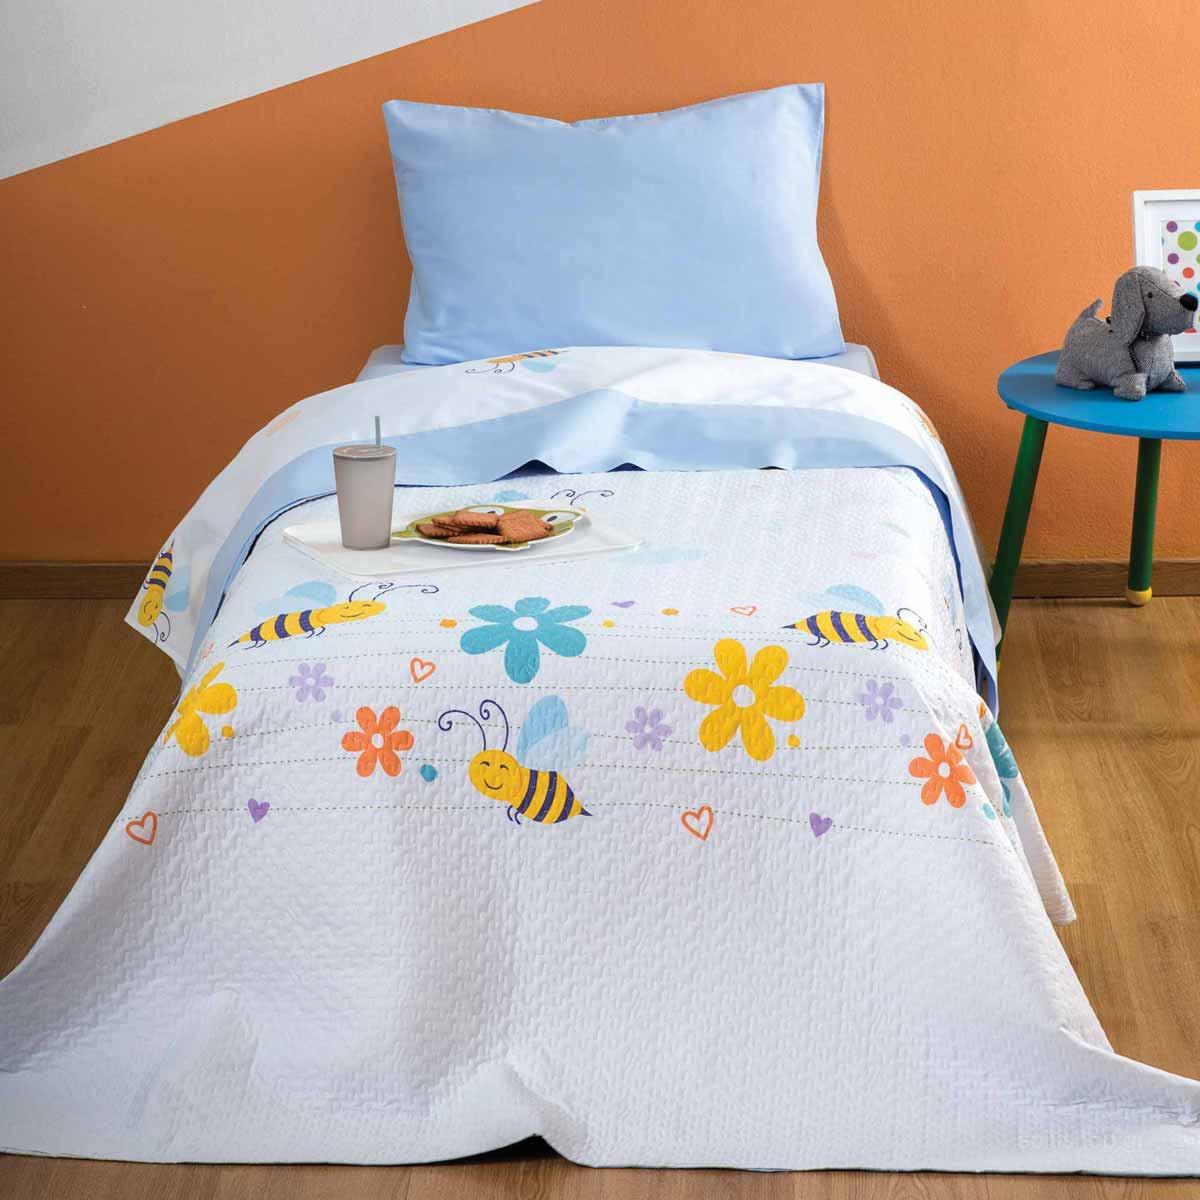 Κουβερλί Μονό Zouzounia Μέλισσα 173